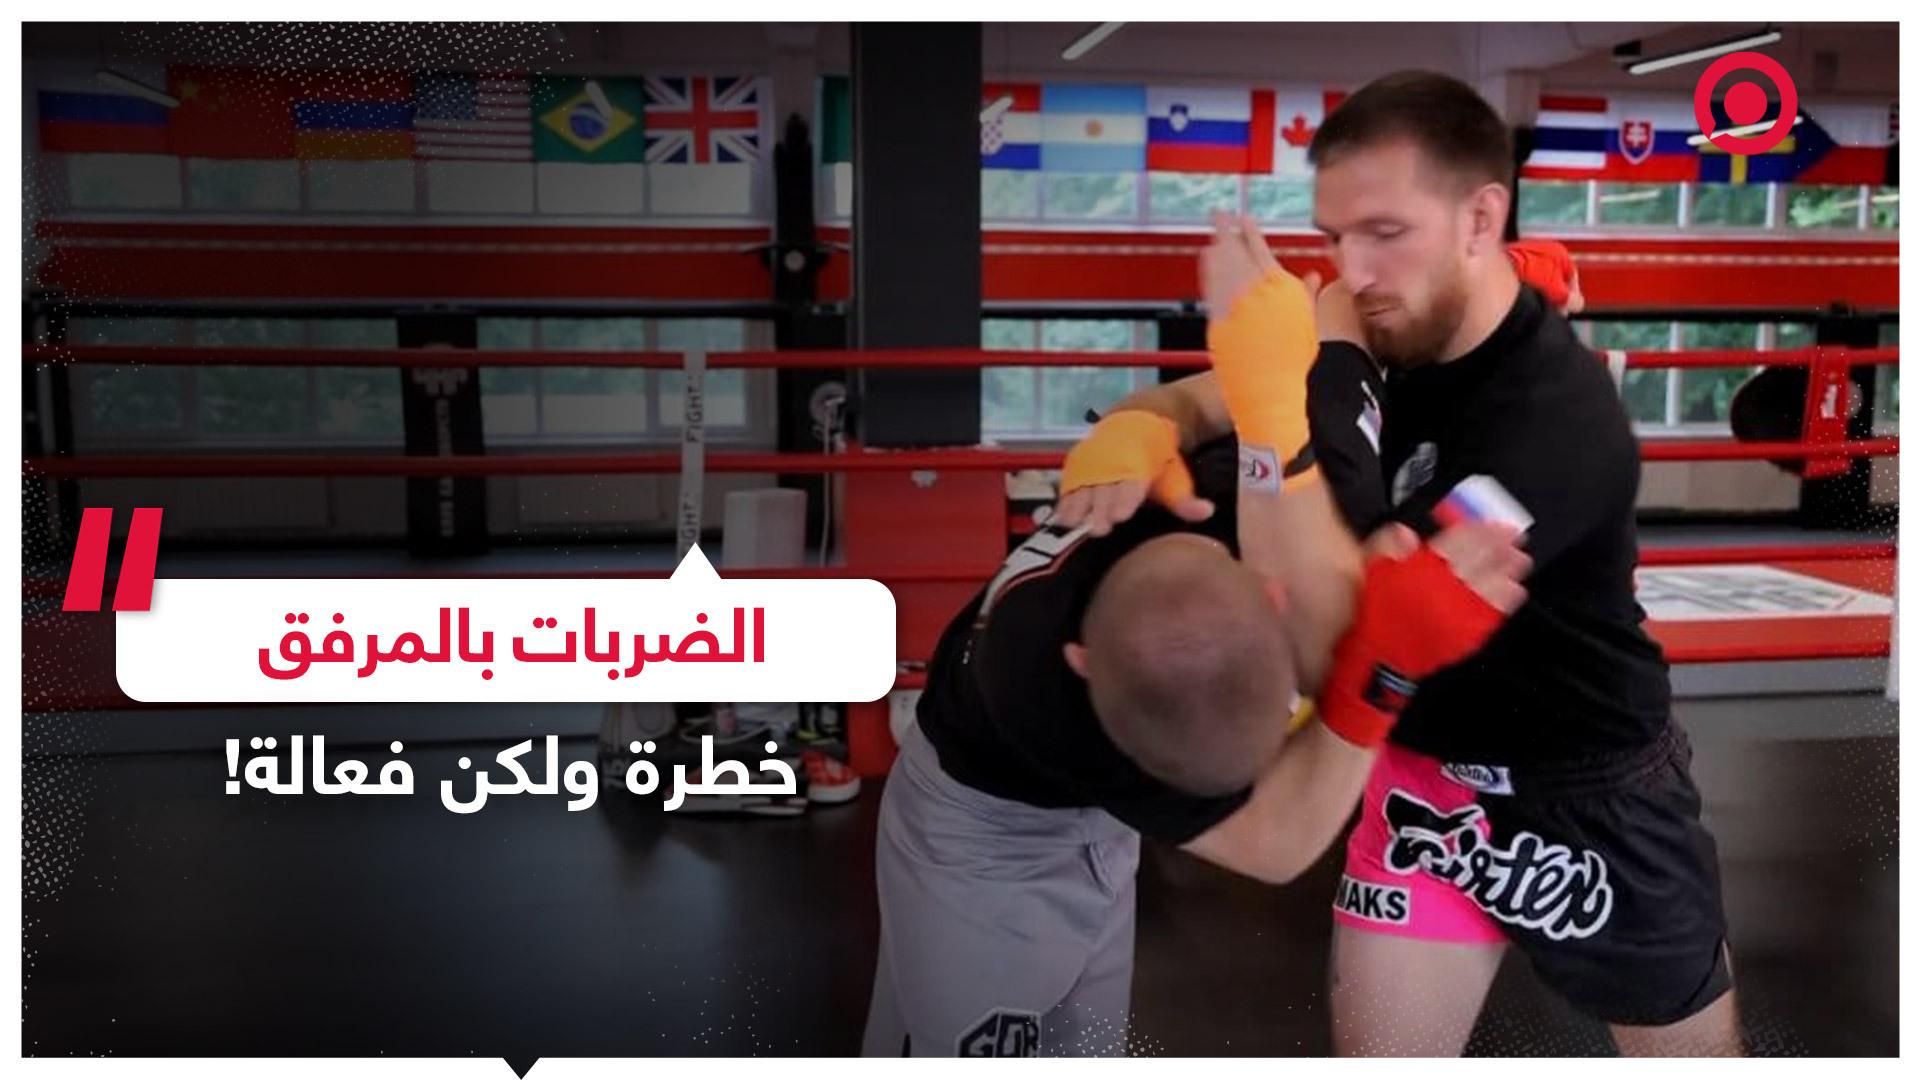 فنيات الضرب بالمرفق من الملاكمة التايلندية